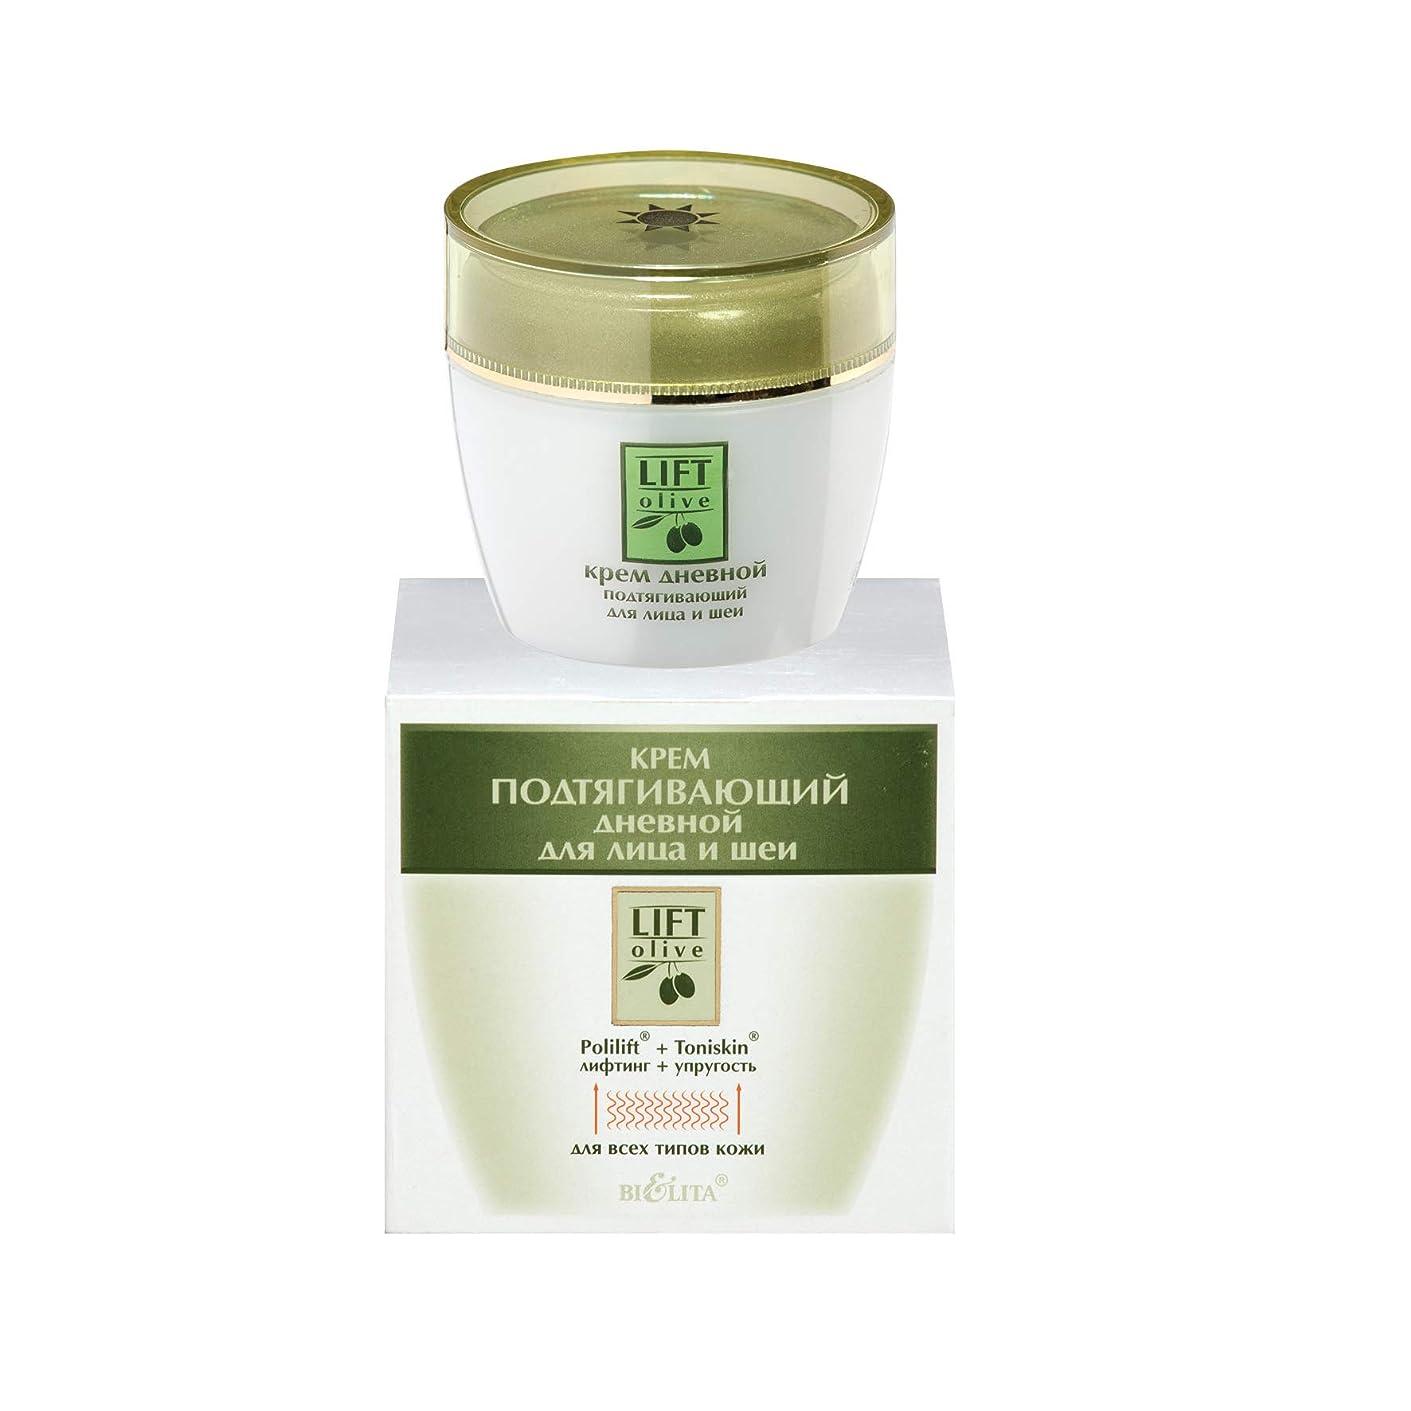 放課後提案刺繍Bielita & Vitex Lift Olive Line | Lifting Face & Neck Day Cream 30+ for All Skin Types, 50 ml | Olive Oil, Collagen, Elastin, Vitamins A and E